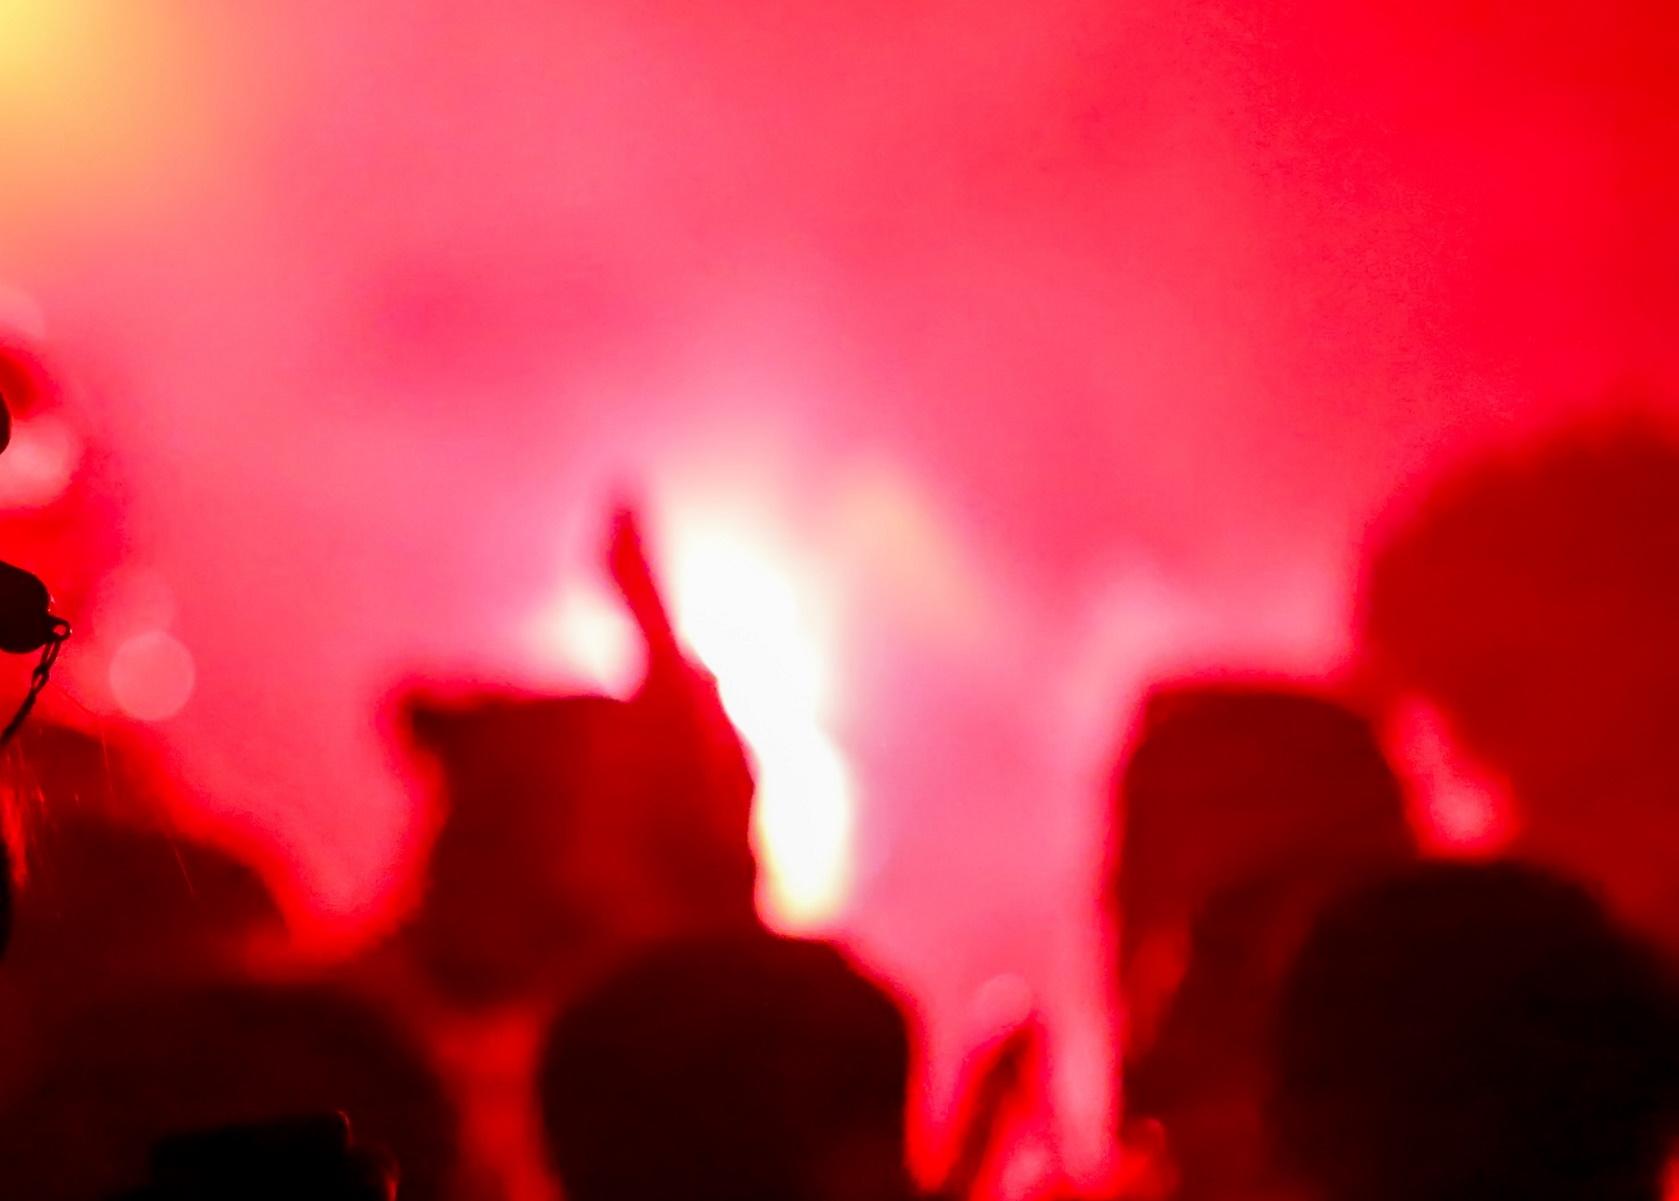 Lockdown – Θεσσαλονίκη: 7.000 ευρώ και αυτόφωρο για κορονοπάρτι στην Περαία